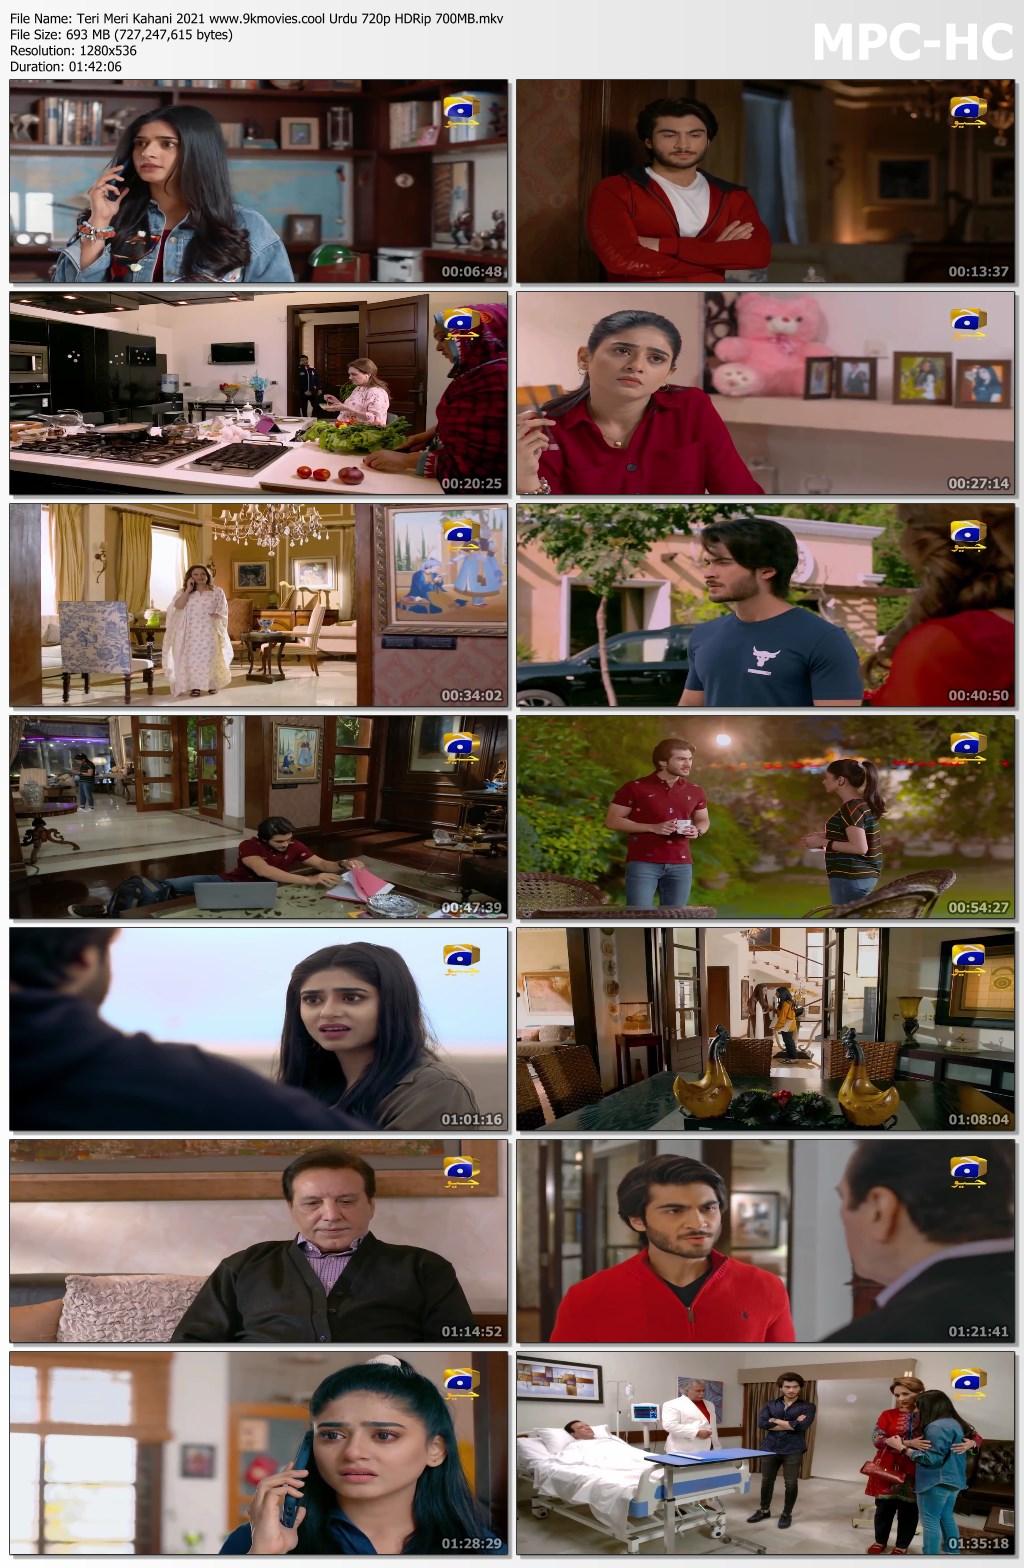 Teri Meri Kahani 2021 Urdu Movie Download HD